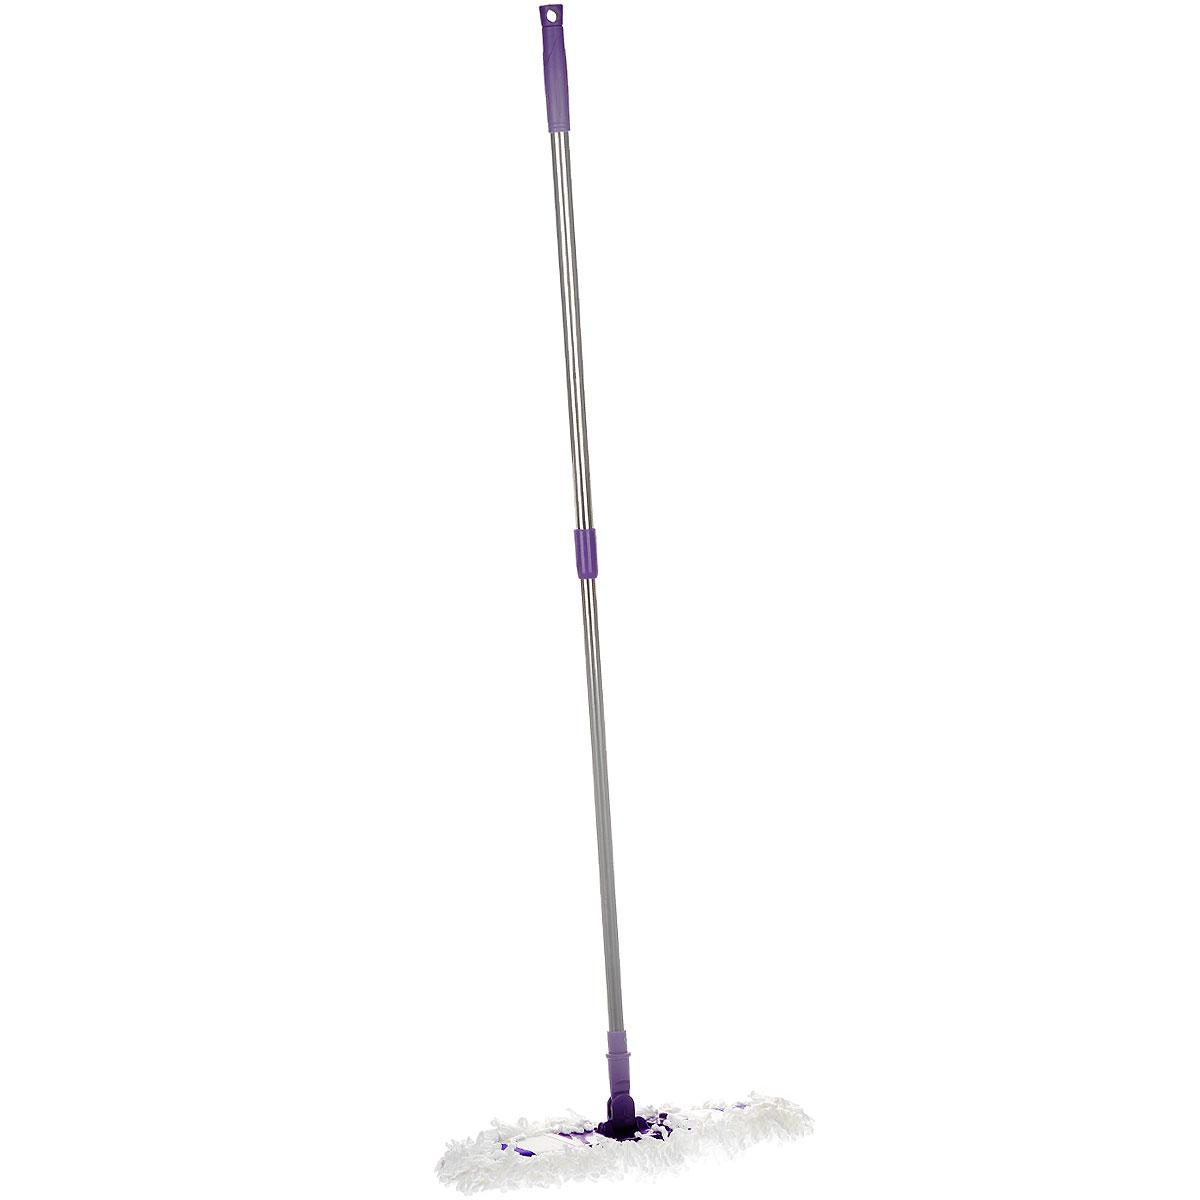 Швабра Фэйт Флаундер-4, с телескопической ручкой и сменной насадкой, цвет: сиреневый, 70-125 см68961_сиреневыйШвабра Фэйт Флаундер-4 предназначена для сухой и влажной уборки в доме. Сменная насадка выполнена из микрофибры, которая впитывает воду и грязь подобно губке. Такая насадка позволит вам использовать во время уборки меньшее количество чистящих средств. Она подходит для всех видов гладких полов из плитки, паркета, ламината и камня. Швабра оснащена удобной металлической телескопической ручкой с подвижной частью и фиксацией, которая позволяет использовать ее в труднодоступных местах. На конце ручки имеется специальная петля, благодаря которой швабру можно подвесить в любом удобном месте. Платформа швабры выполнена из высокопрочного пластика. Платформа может двигаться под любым углом, на любой плоскости. Подвижная платформа позволяет вымыть полы, не отодвигая крупногабаритную мебель, протереть стены от пыли за шкафами. Также такой шваброй очень удобно и легко протирать потолки. Длина ручки: 70-125 см. Размер рабочей части: 40 см х 12 см.